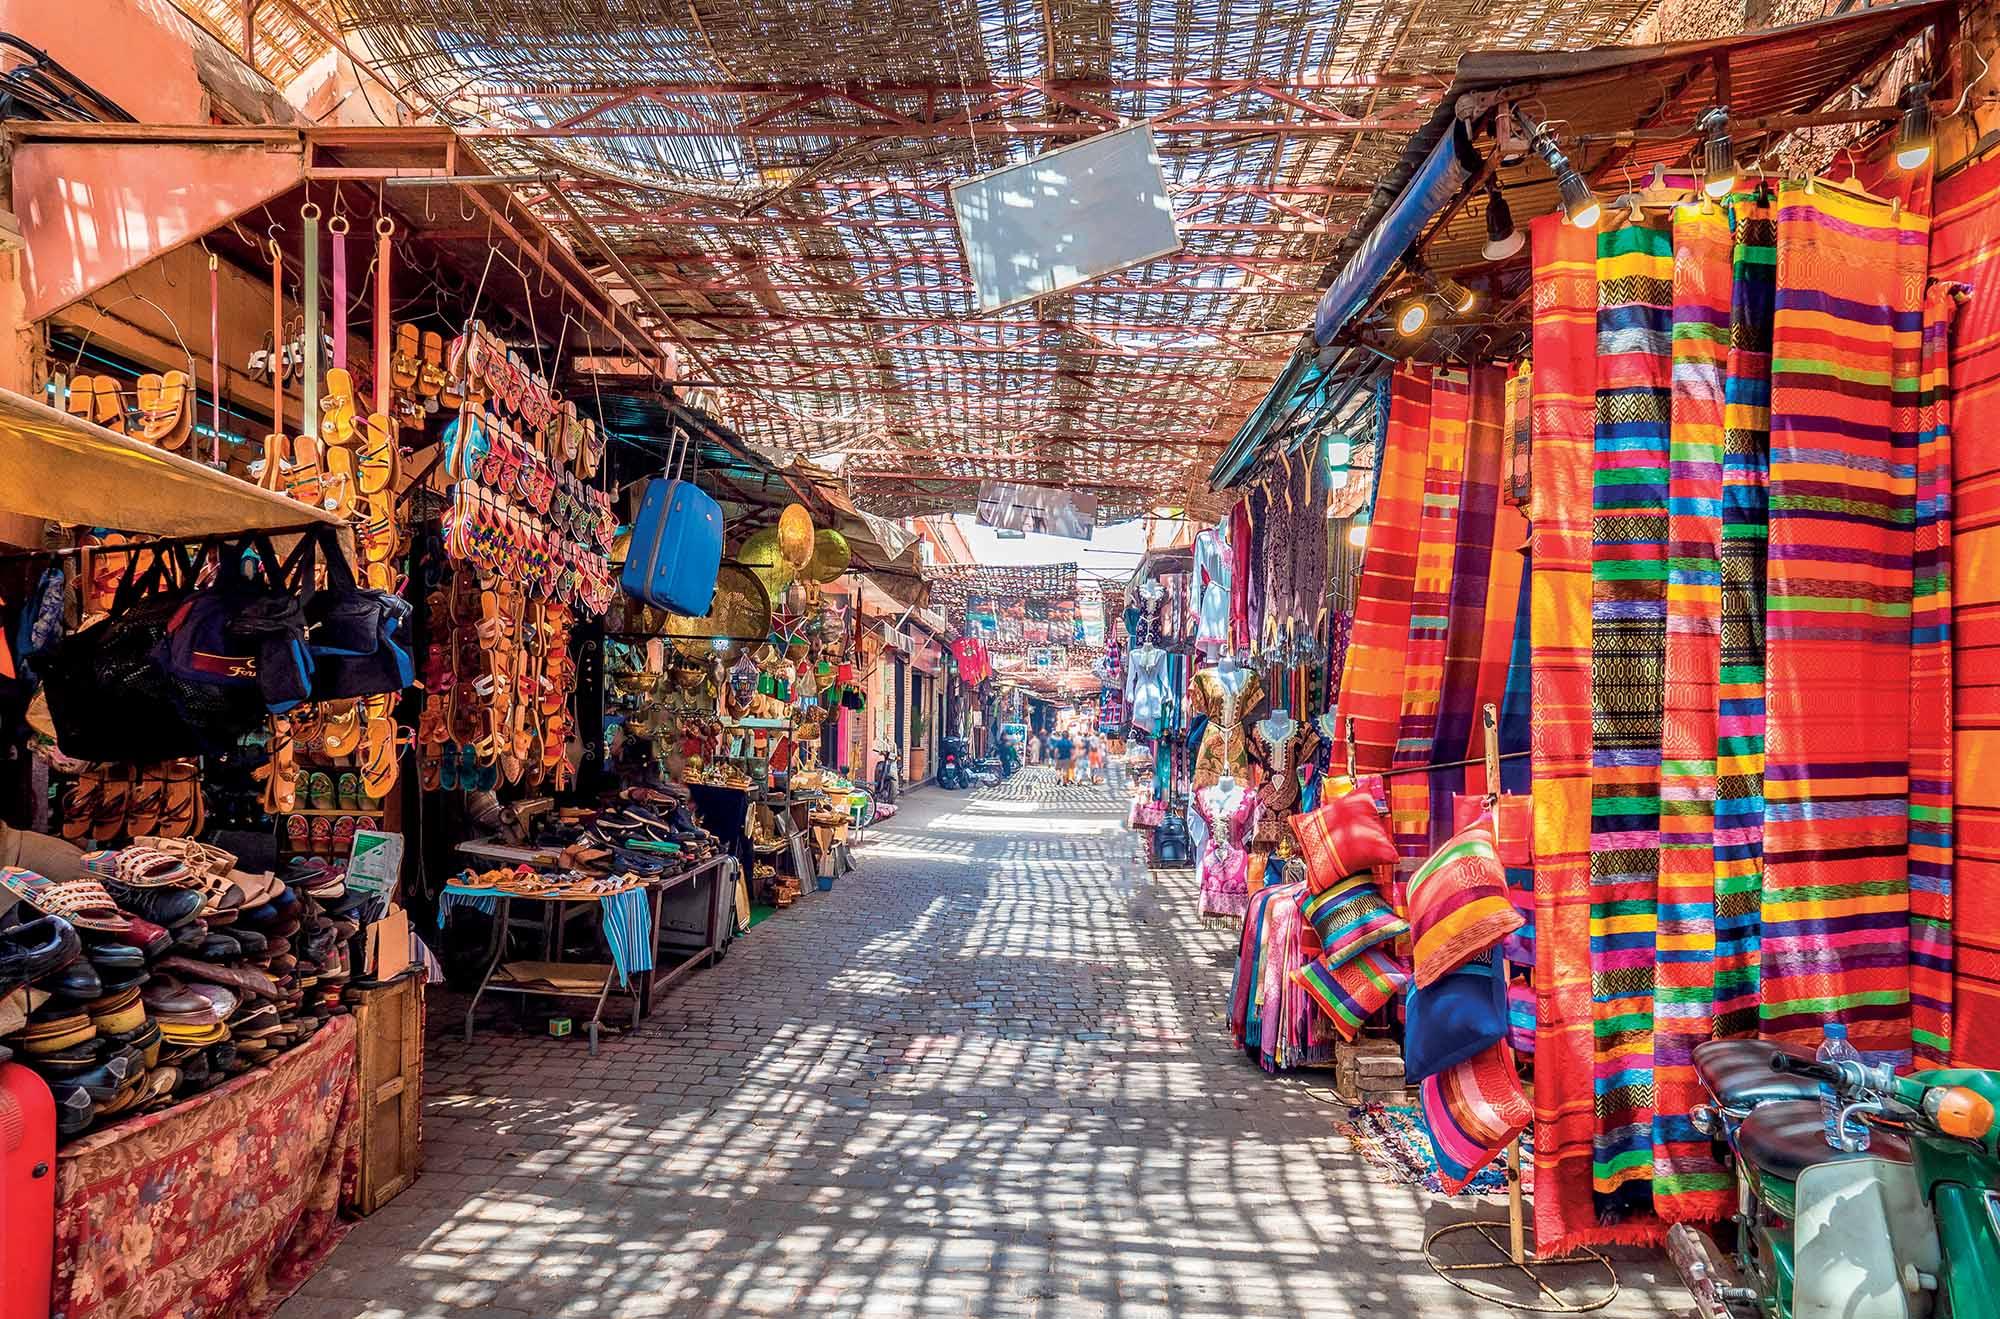 Morocco du lịch khung cảnh quảng trường Marrakesh